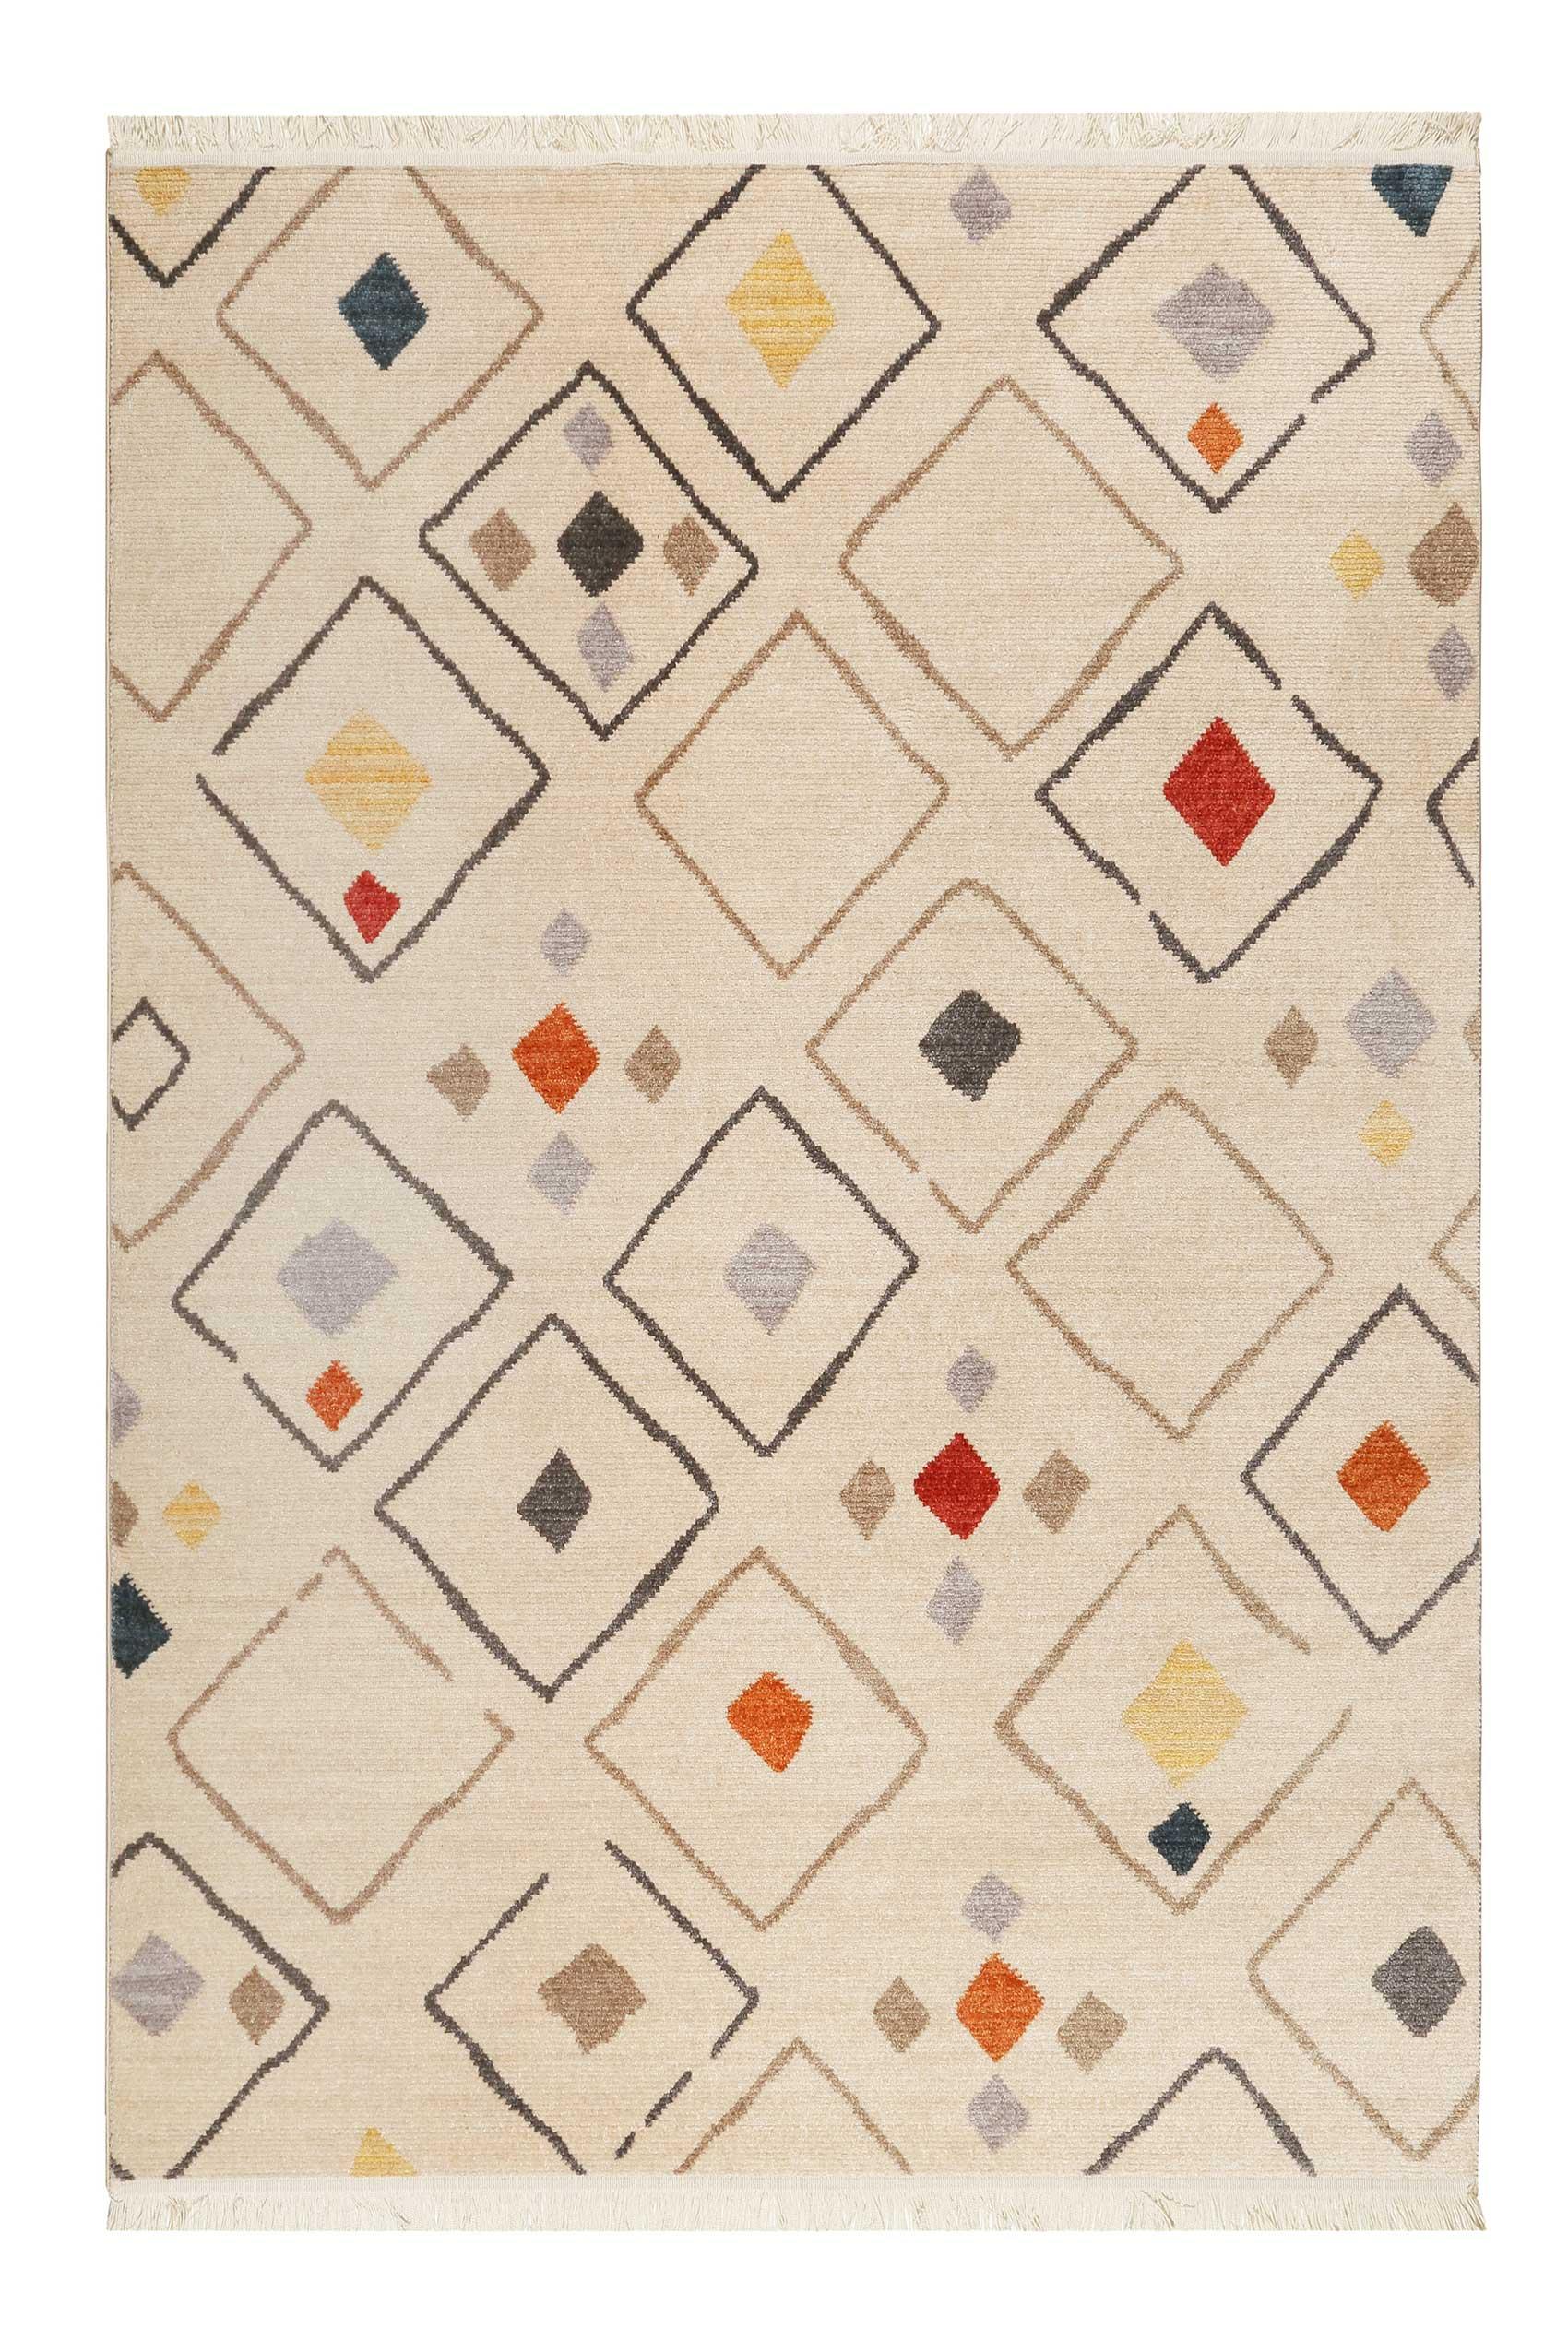 Tapis tissé ethnique chic à franges multicolore sur fond beige 160x225